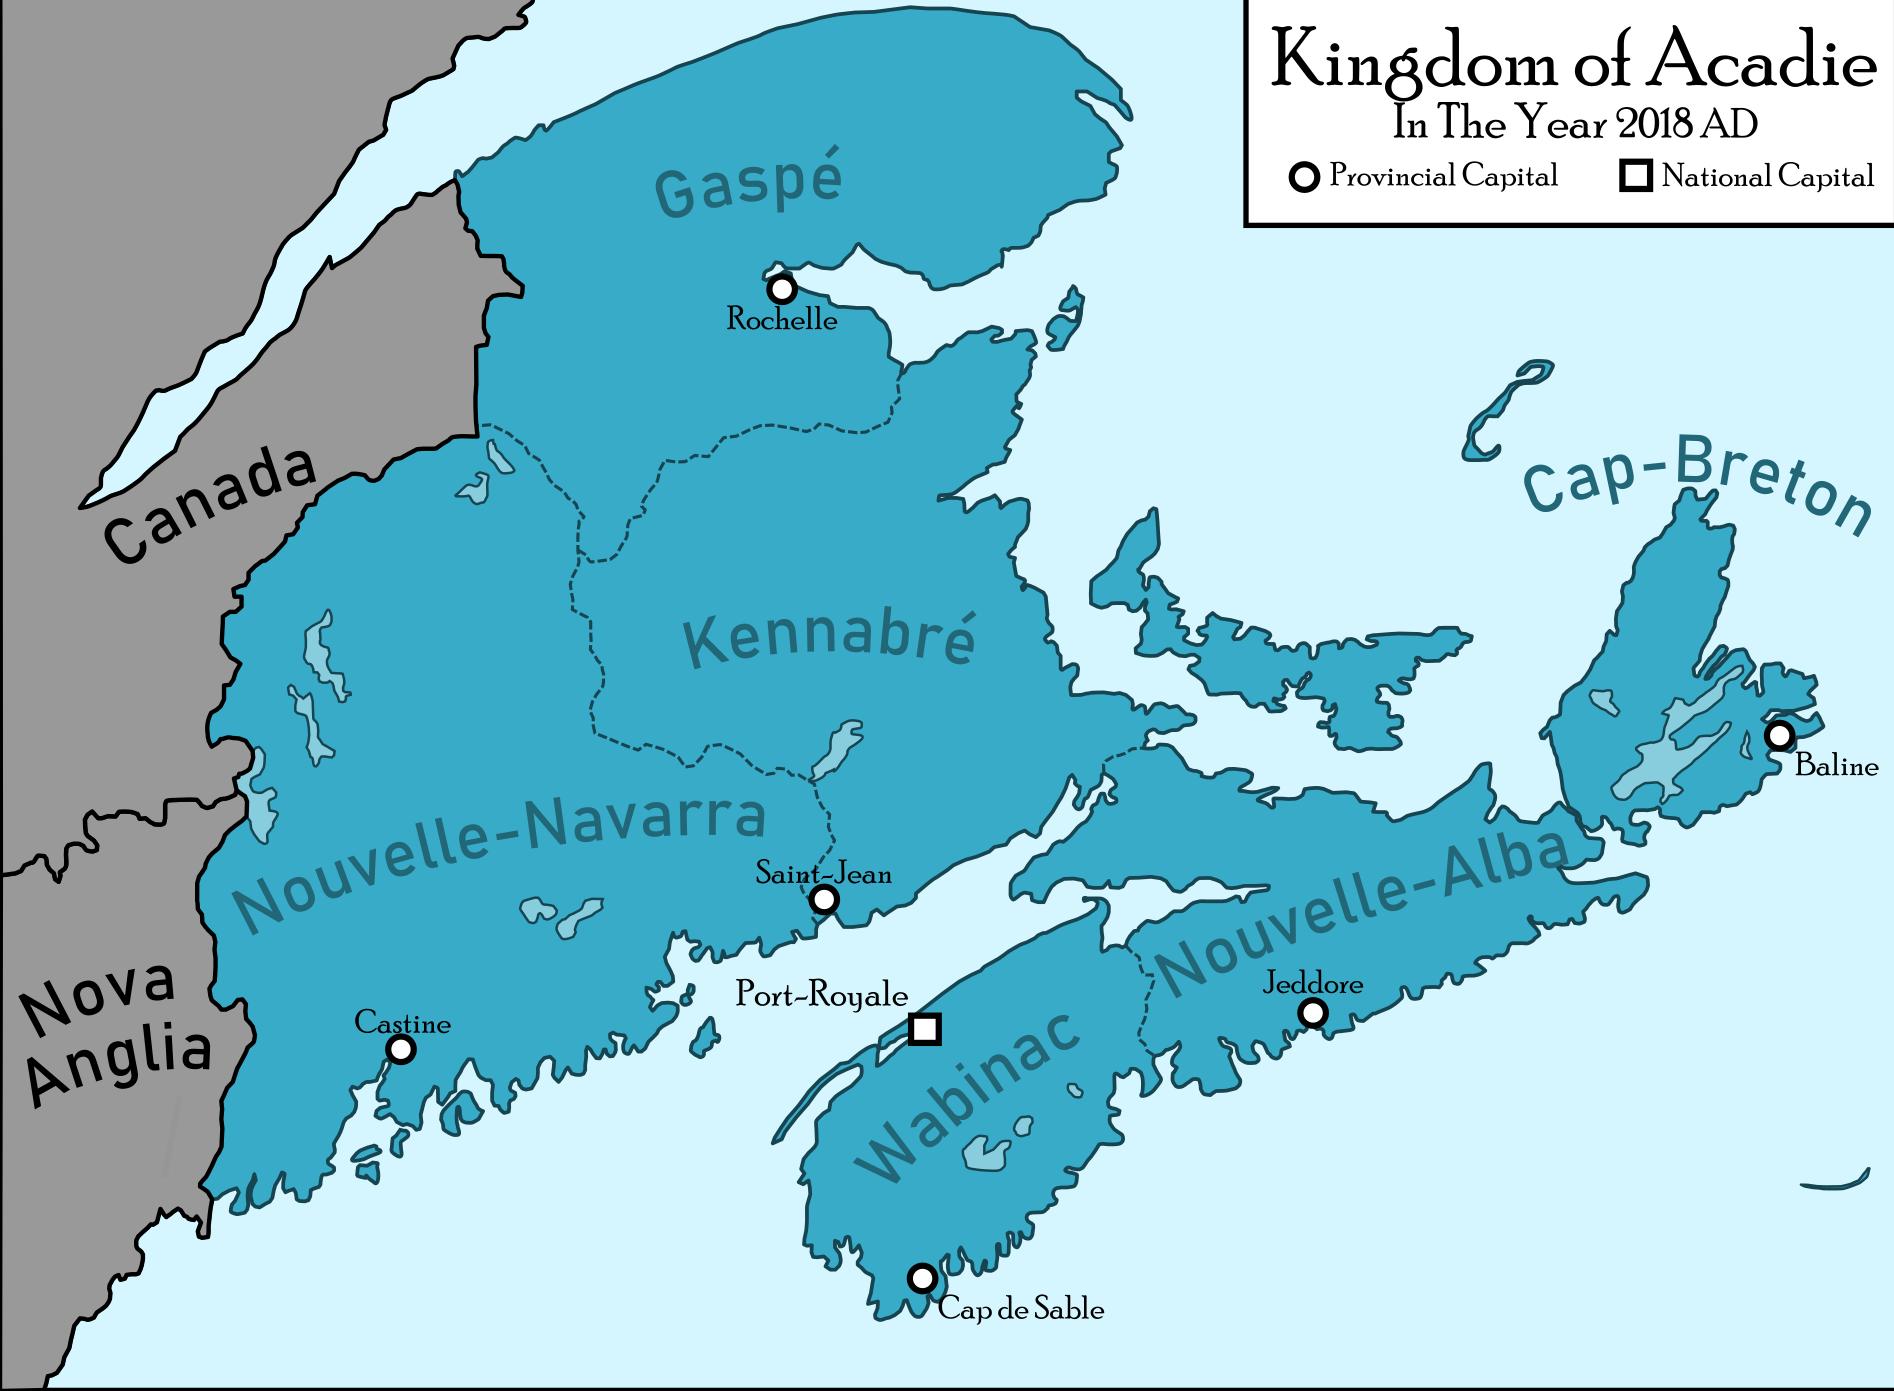 Acadie Kingdom.png